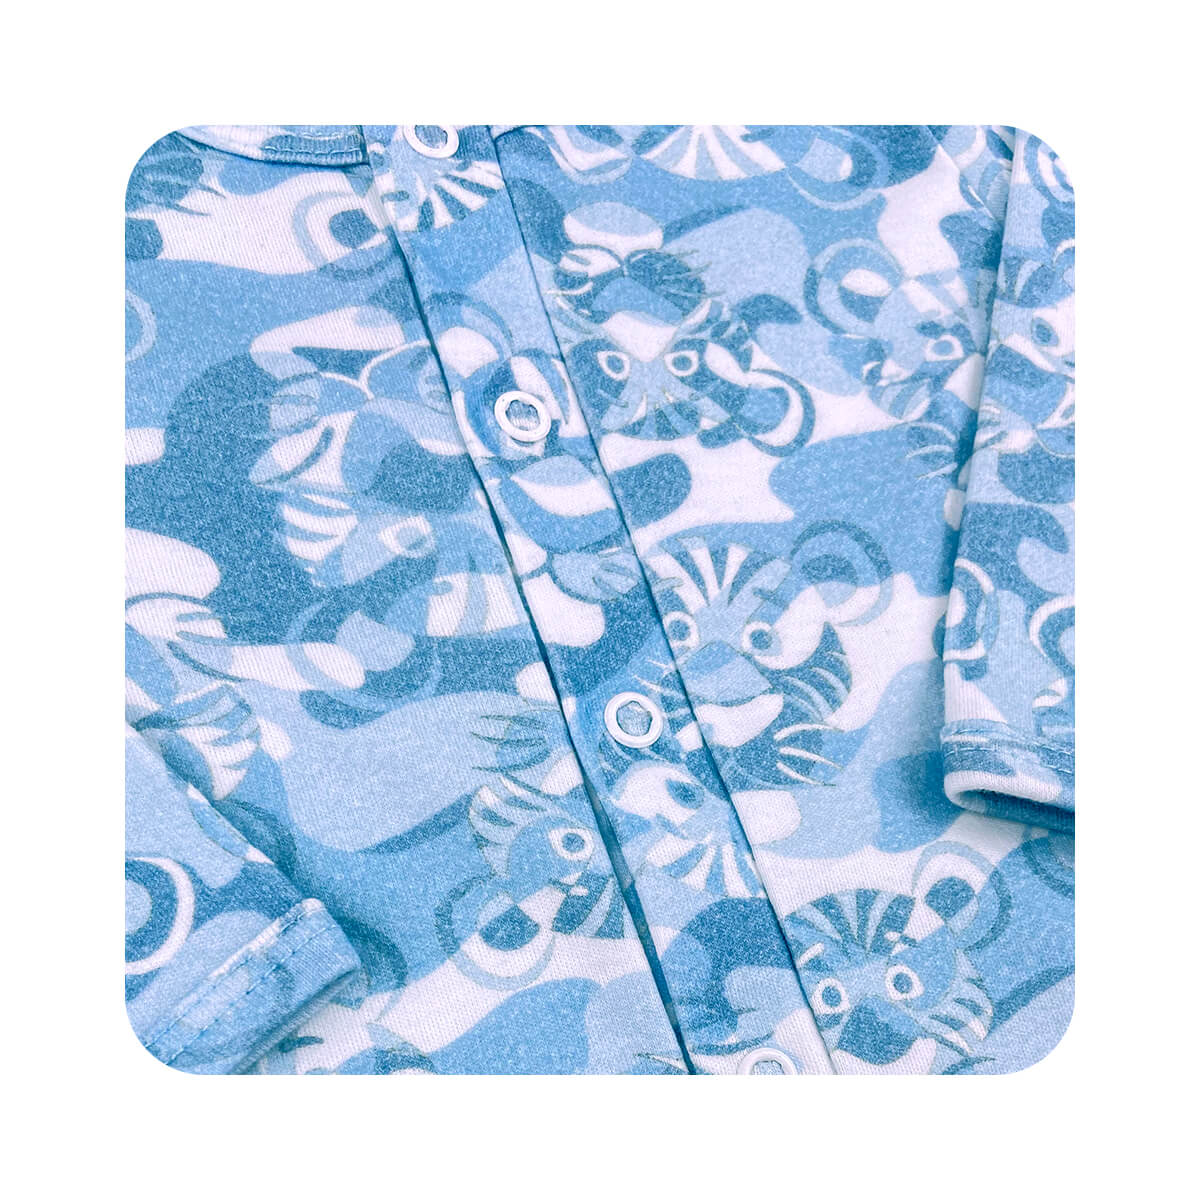 Macacão Básico Fio Egípcio Tigrinho - Tamanhos RN e P com pezinho; M, G e XG sem pezinho  - Piu Blu